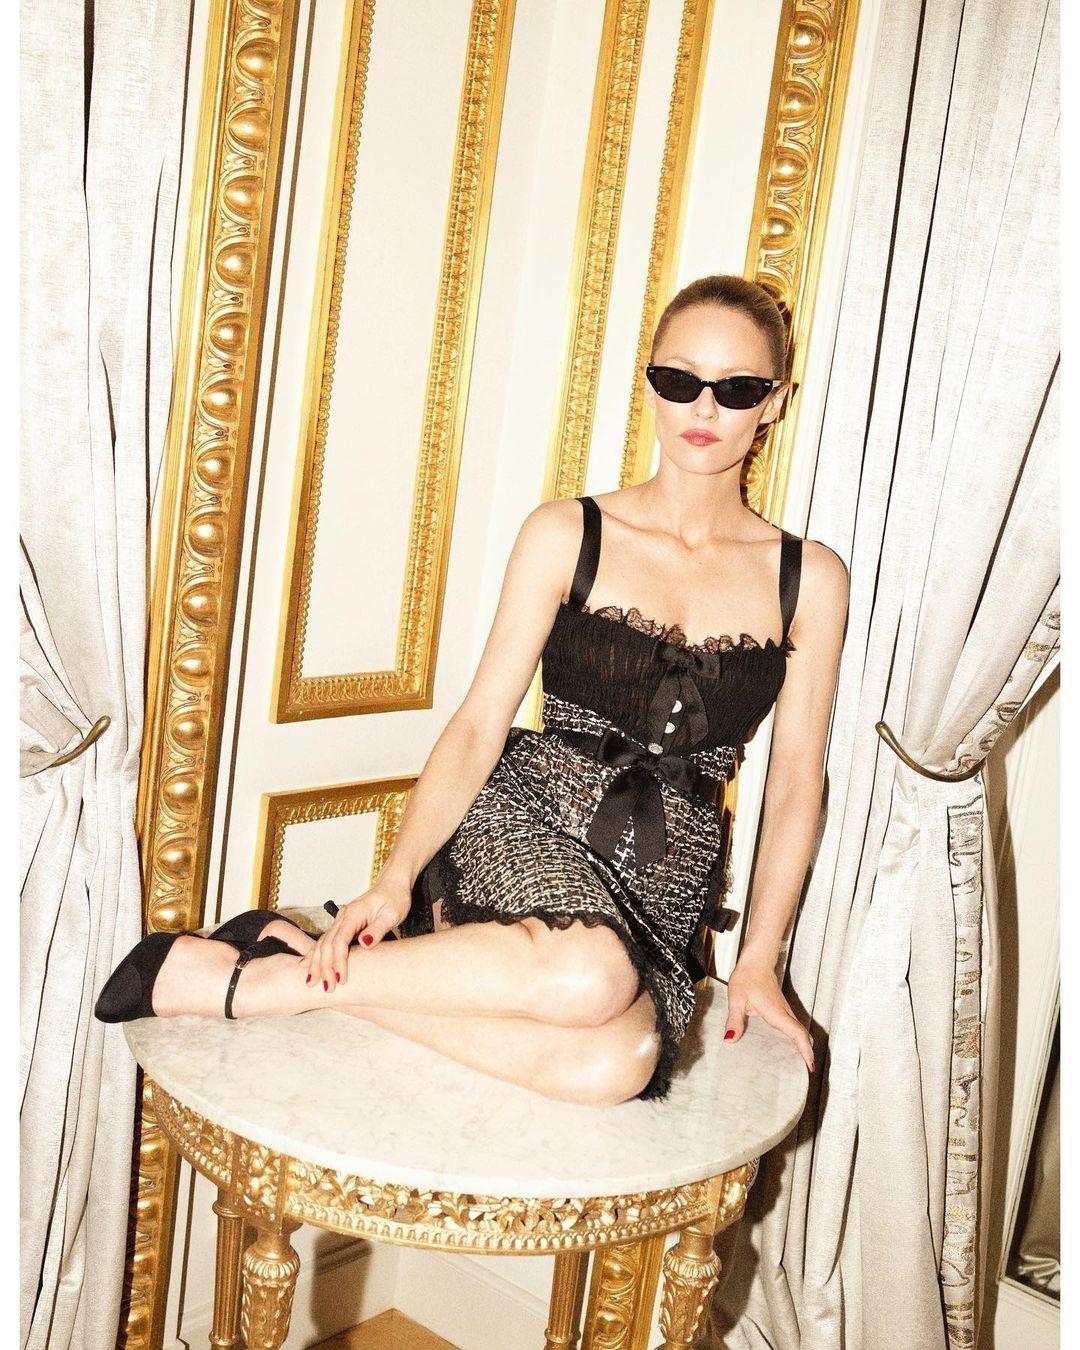 Ванесса Паради снялась в эффектной фотосессии для глянца (ФОТО) - фото №2